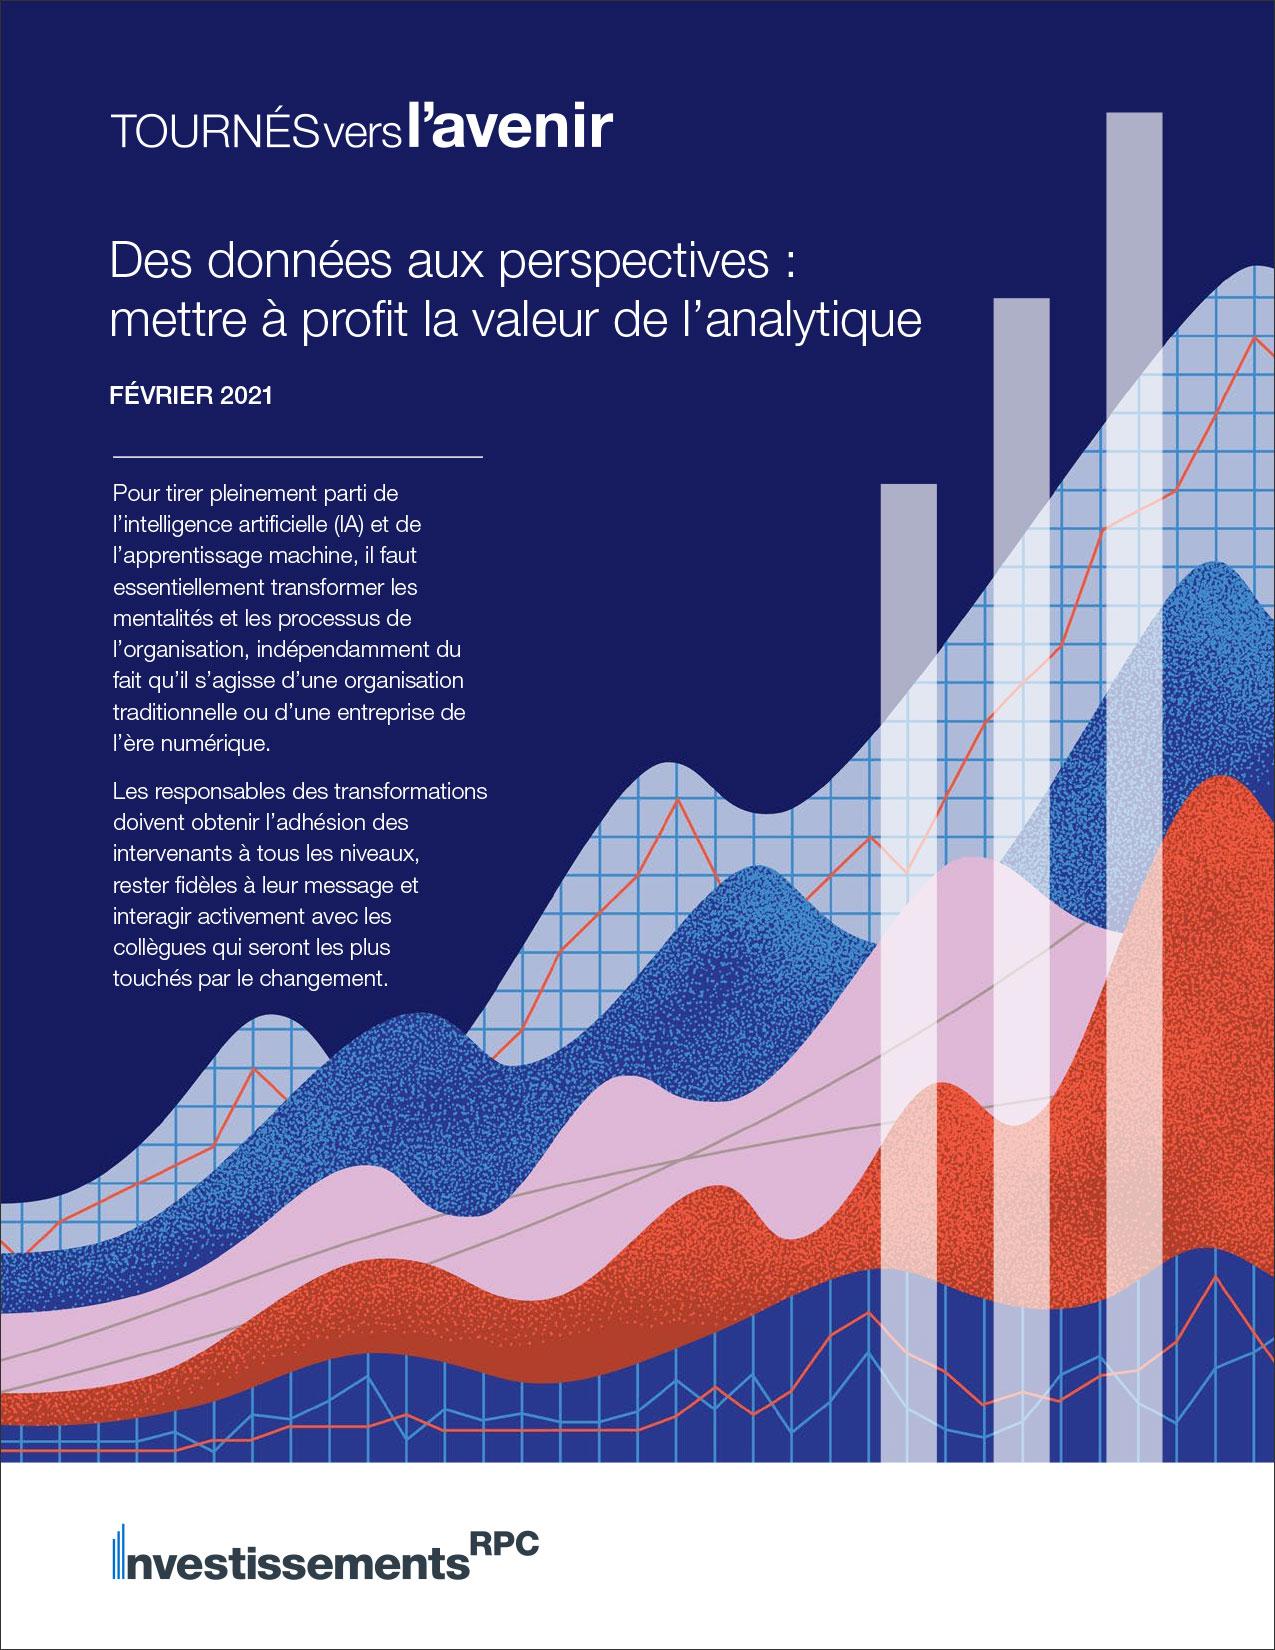 Des données aux perspectives : mettre à profit la valeur de l'analytique